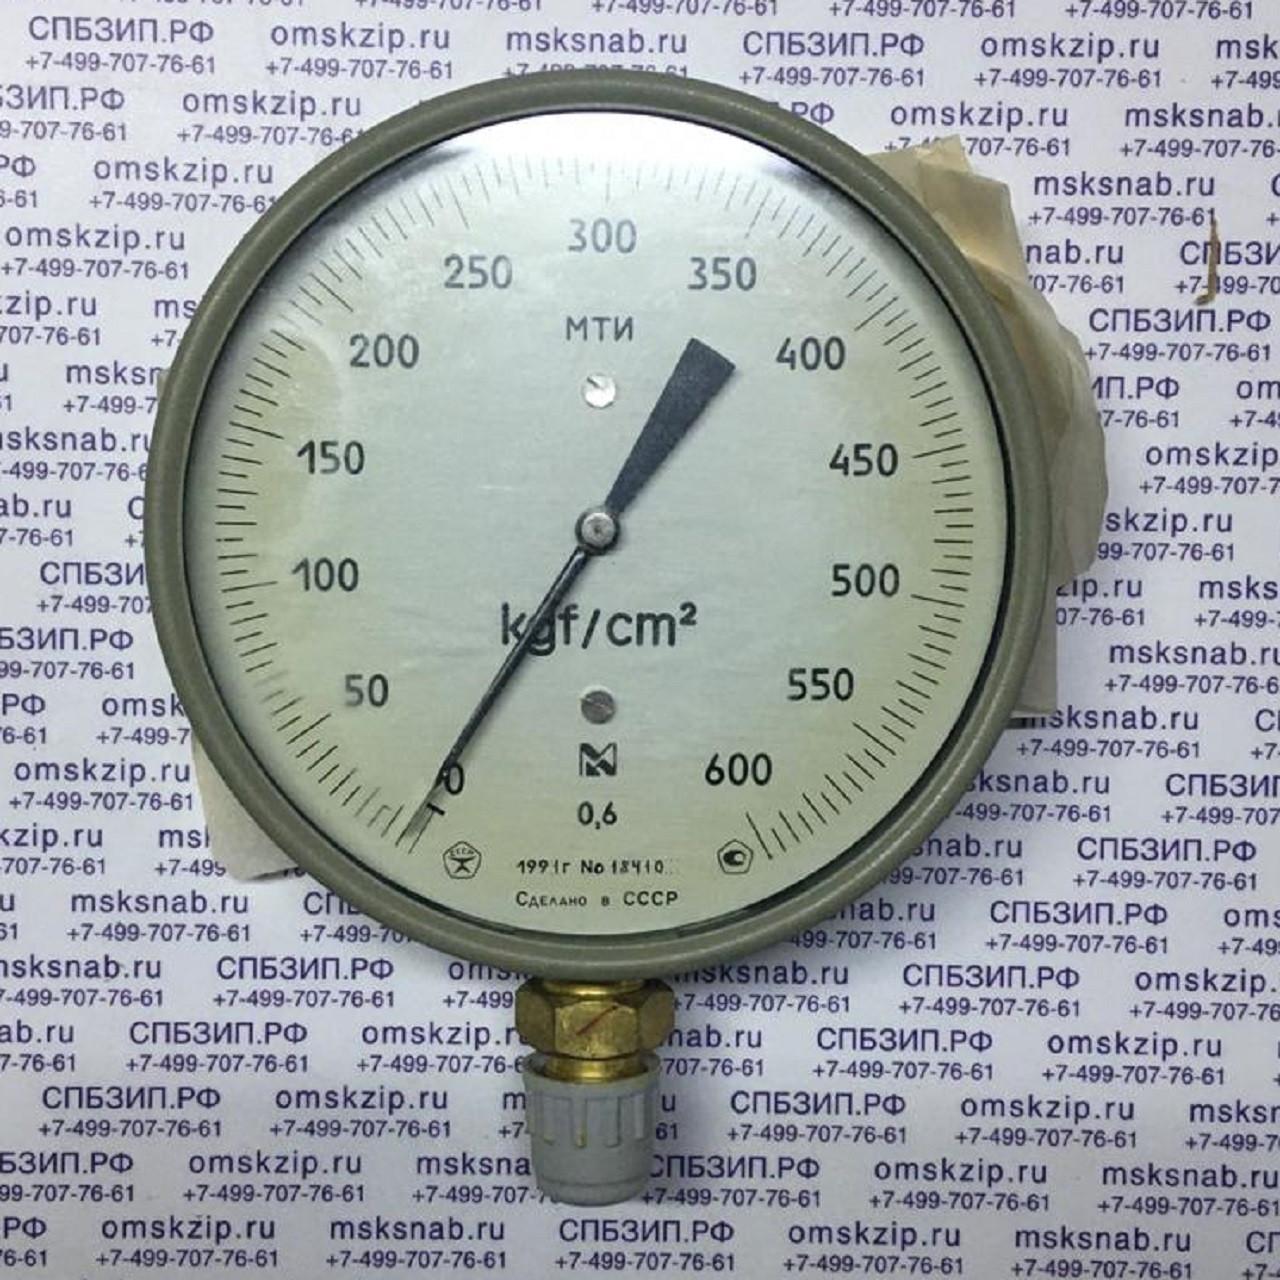 Указатель максимального давления на манометре